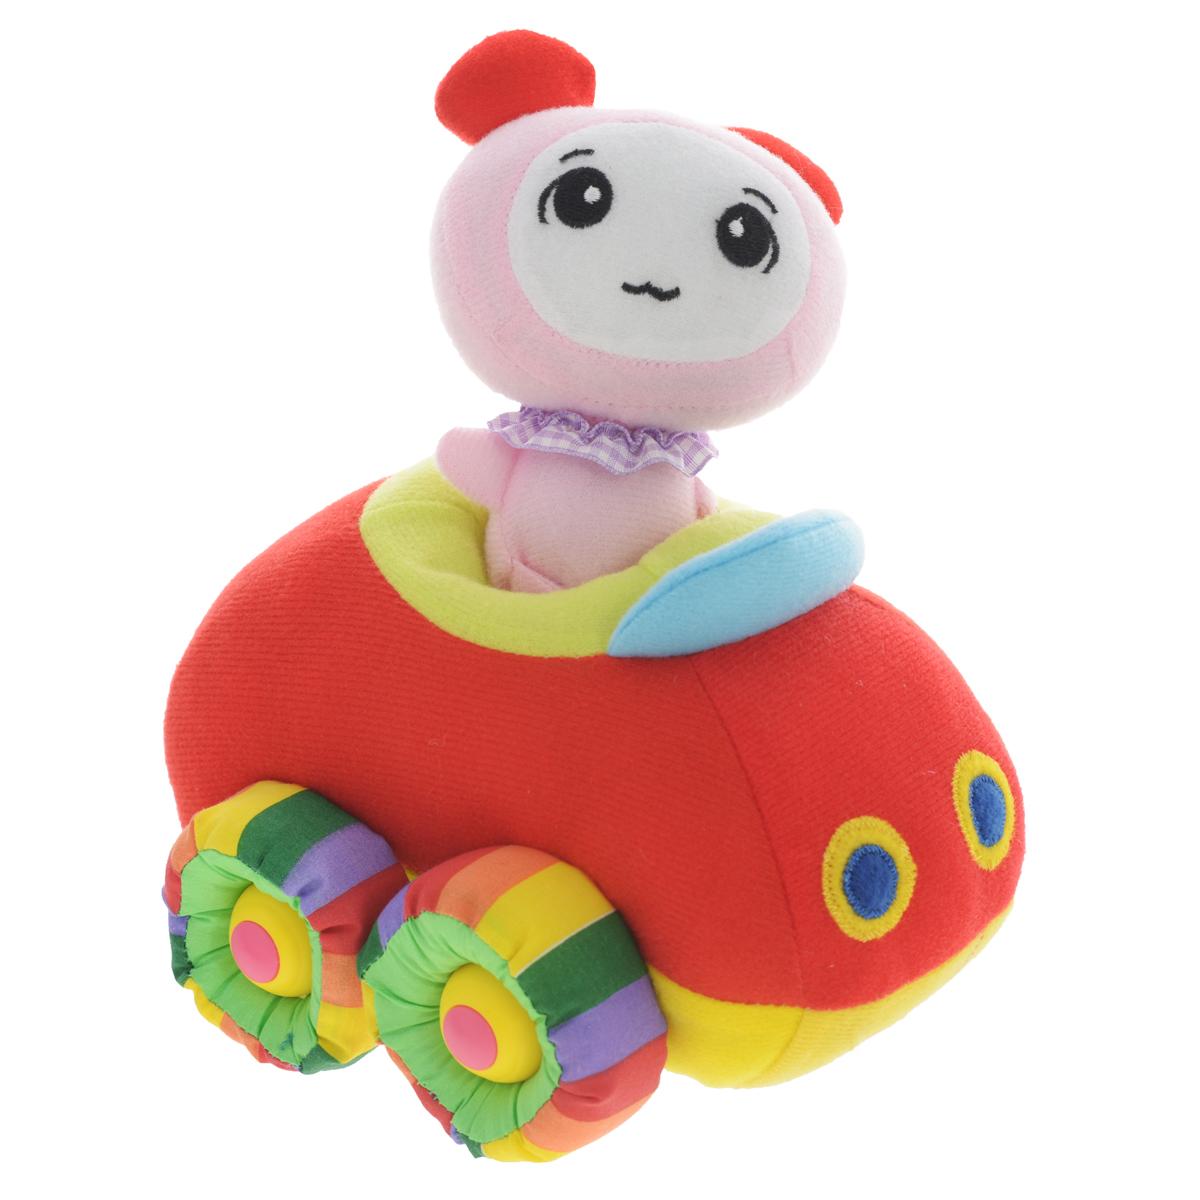 Мягкая озвученная игрушка Tongde Радужный транспорт, с фигуркой. В72425В72425Мягкая озвученная игрушка Tongde Радужный транспорт с фигуркой непременно понравится вашему малышу! Эта милая мягкая машинка подарит вашему ребенку массу удовольствия за игрой. В комплект также входит забавная мягкая фигурка, которую можно посадить в машинку. Изделие выполнено из высококачественного гипоаллергенного текстильного материала. Движение игрушки сопровождается звуковыми эффектами. С игрушкой можно играть как дома, так и в садике. Данная модель способствует развитию воображения и тактильной чувствительности у детей. Ваш ребенок часами будет играть с моделью, придумывая различные истории. Порадуйте его таким замечательным подарком! УВАЖАЕМЫЕ КЛИЕНТЫ! Обращаем ваше внимание на тот факт, что для работы игрушки необходимо докупить 3 батарейки типа АА 1,5V (в комплект не входят).